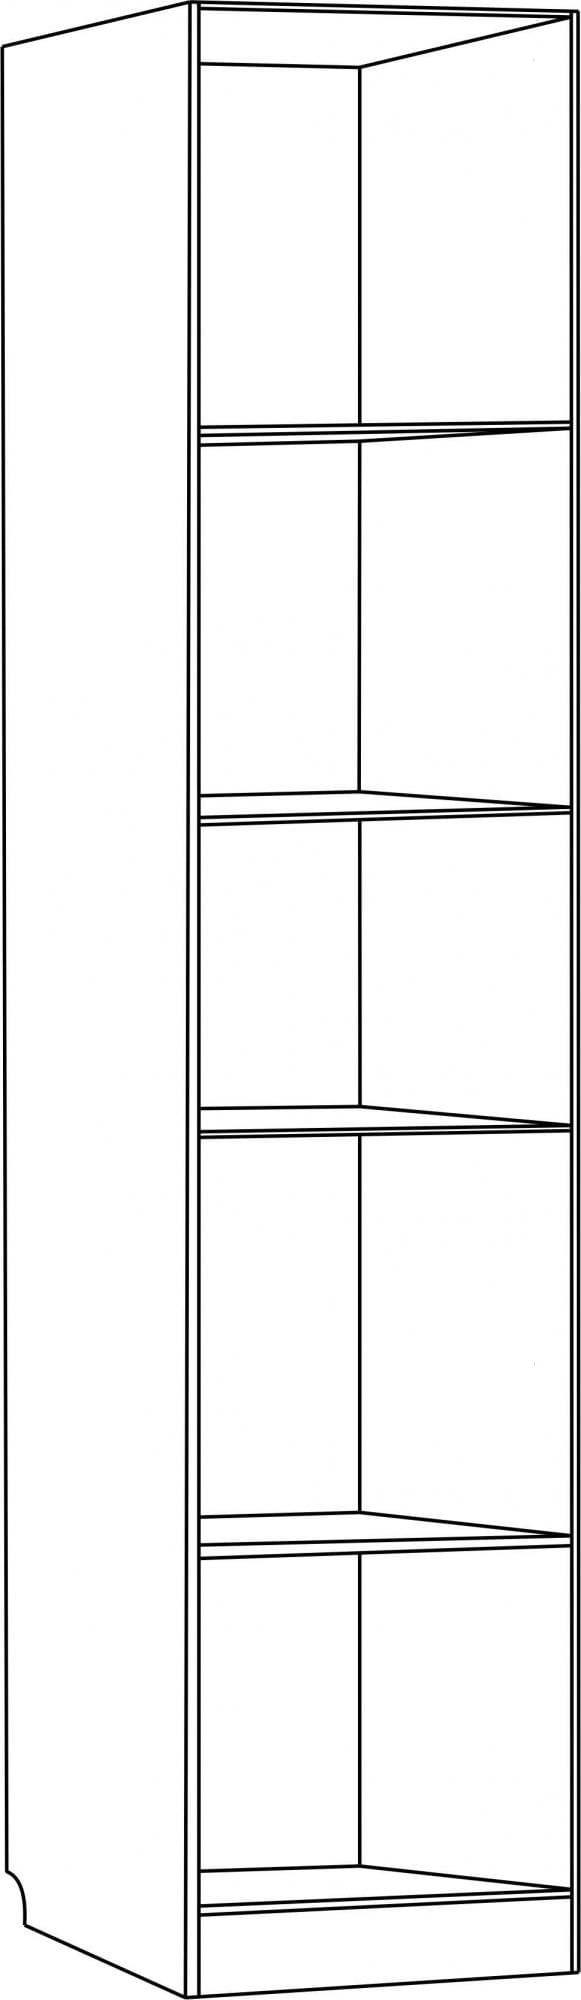 Шкаф для книг узкий со стеклянной дверью С 210/1 М